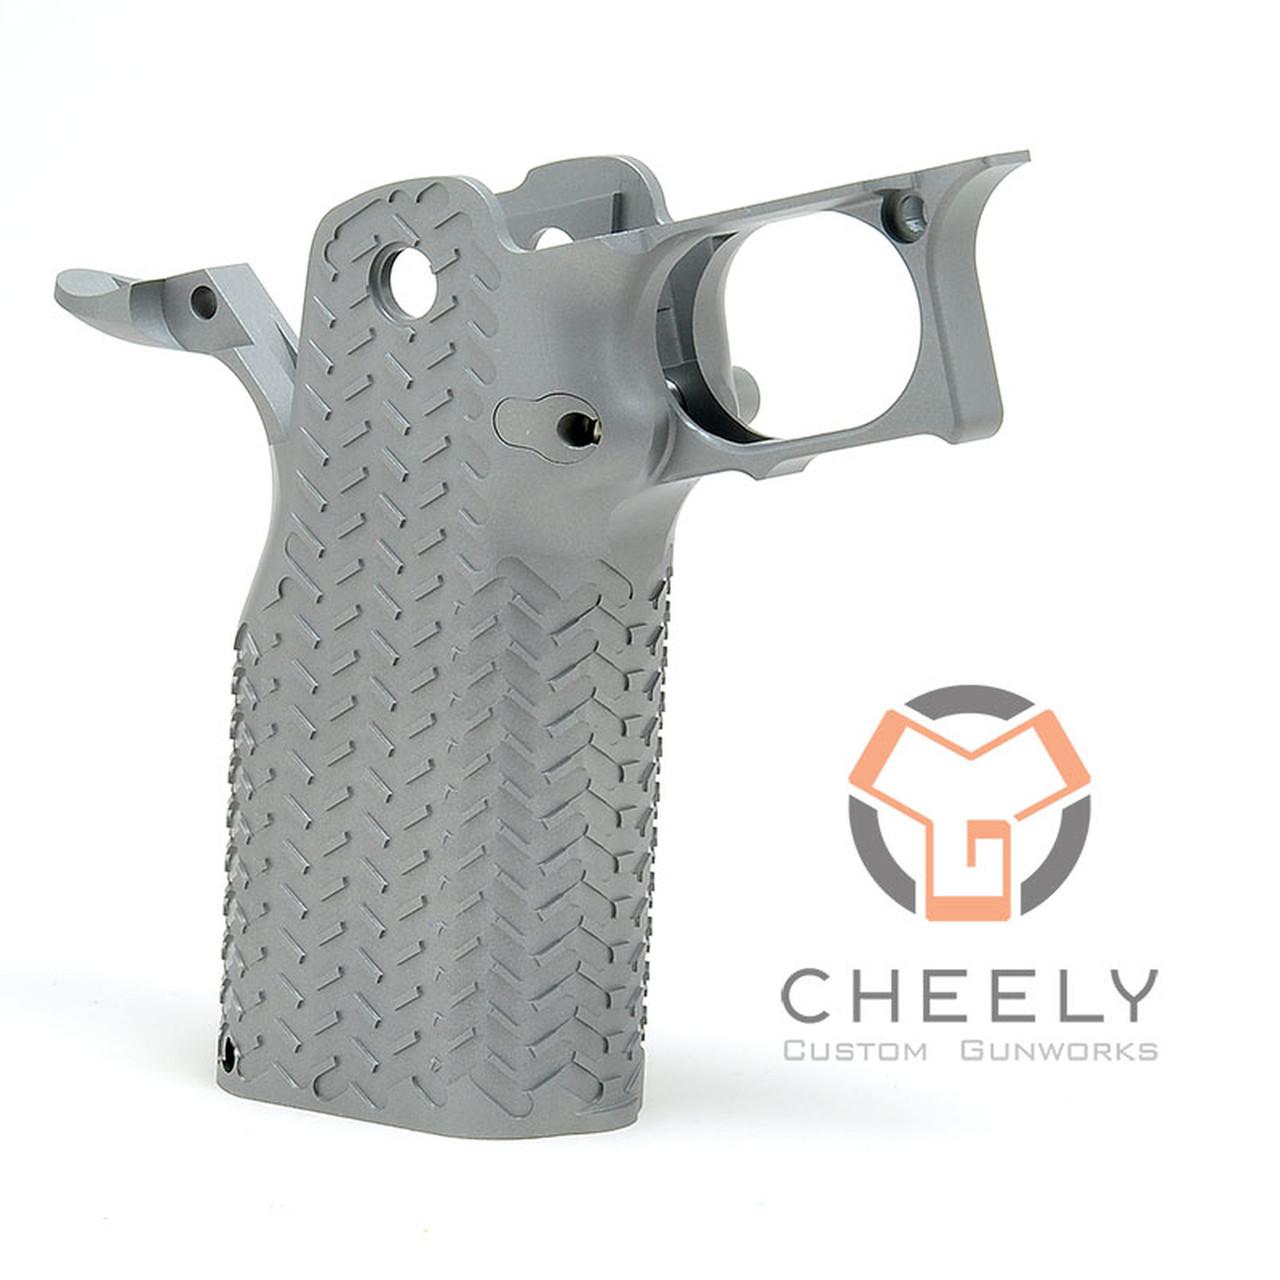 Cheely Custom Gunworks E2 Grip Kit - Stainless